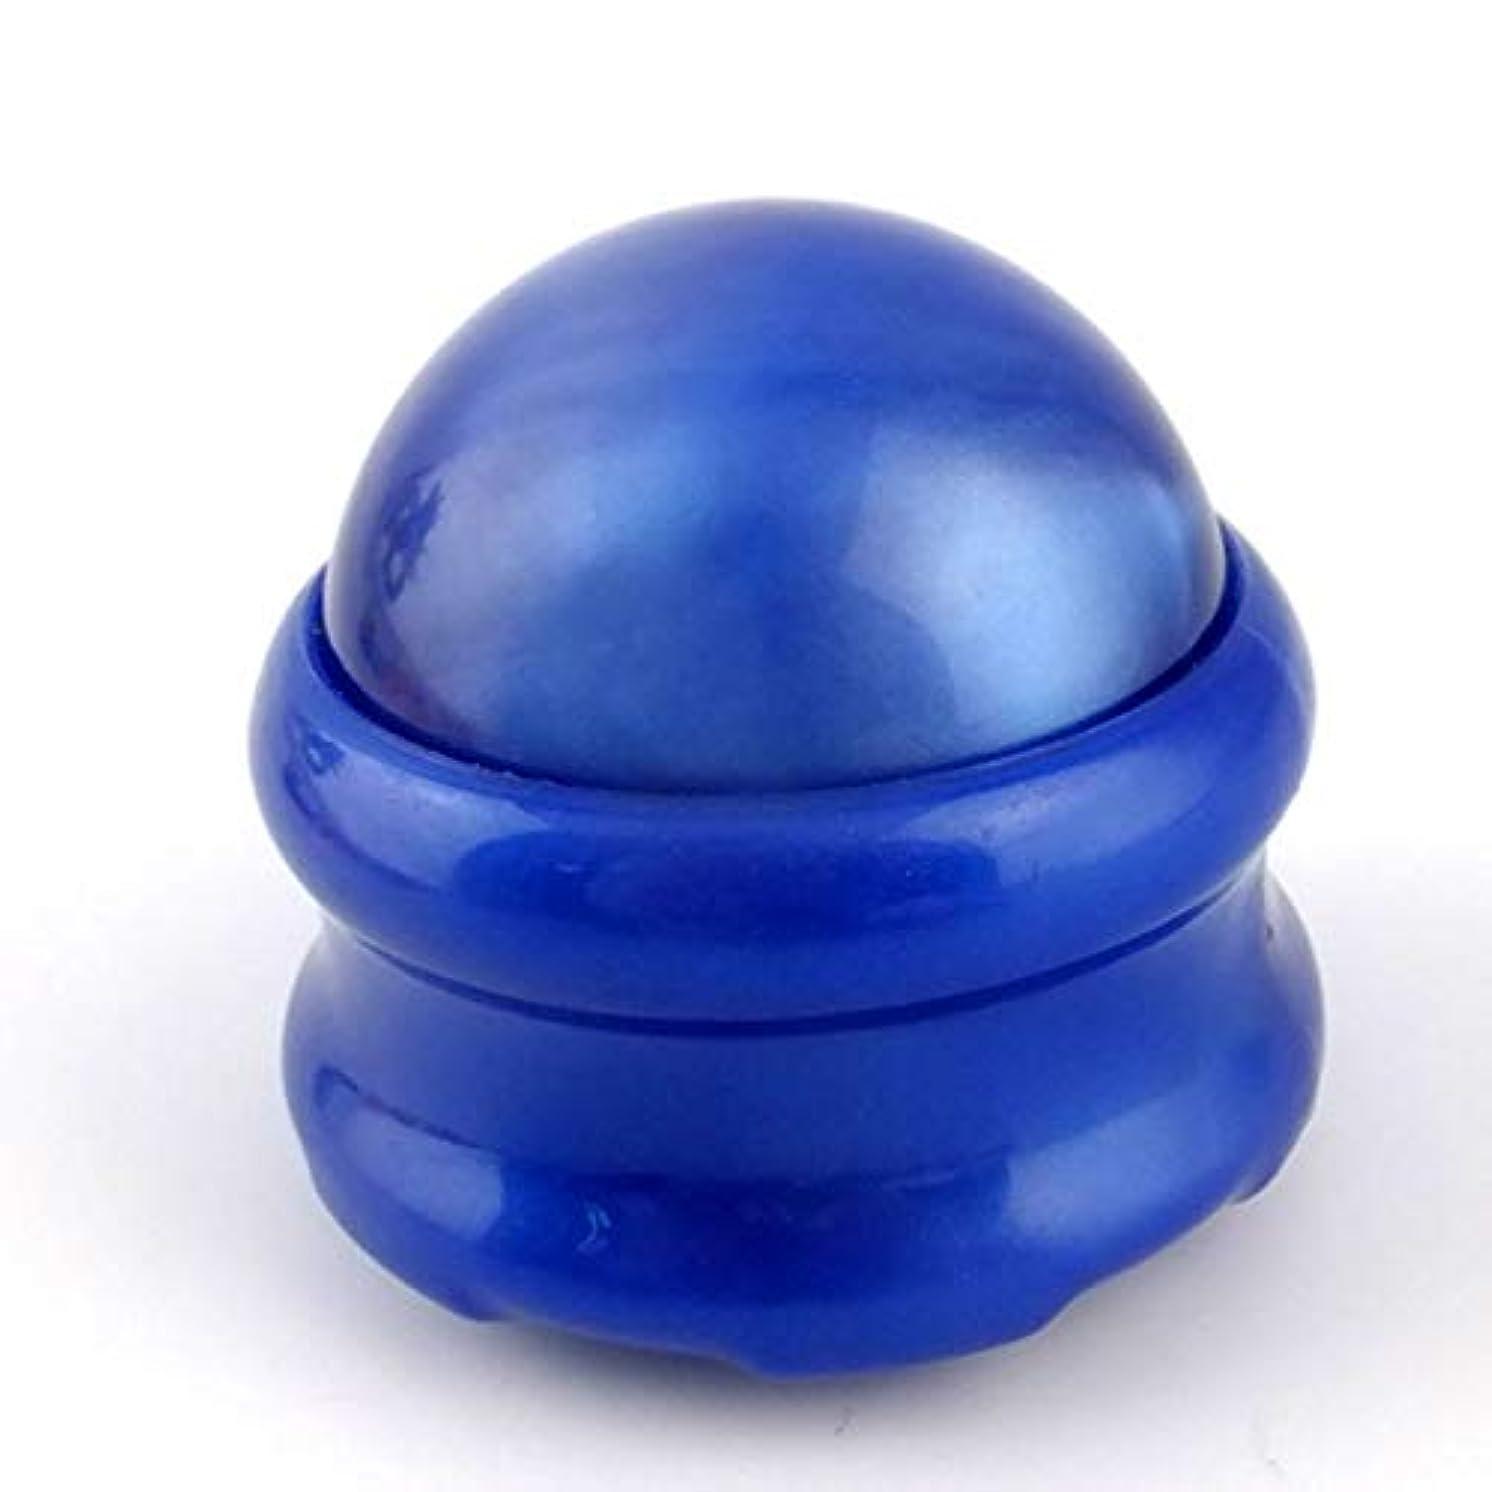 ずんぐりした未満土砂降りHAMILO マッサージボール 健康器具 ローラー 肩 腰 足裏 首すじ コロコロ マッサージ (2個セット)